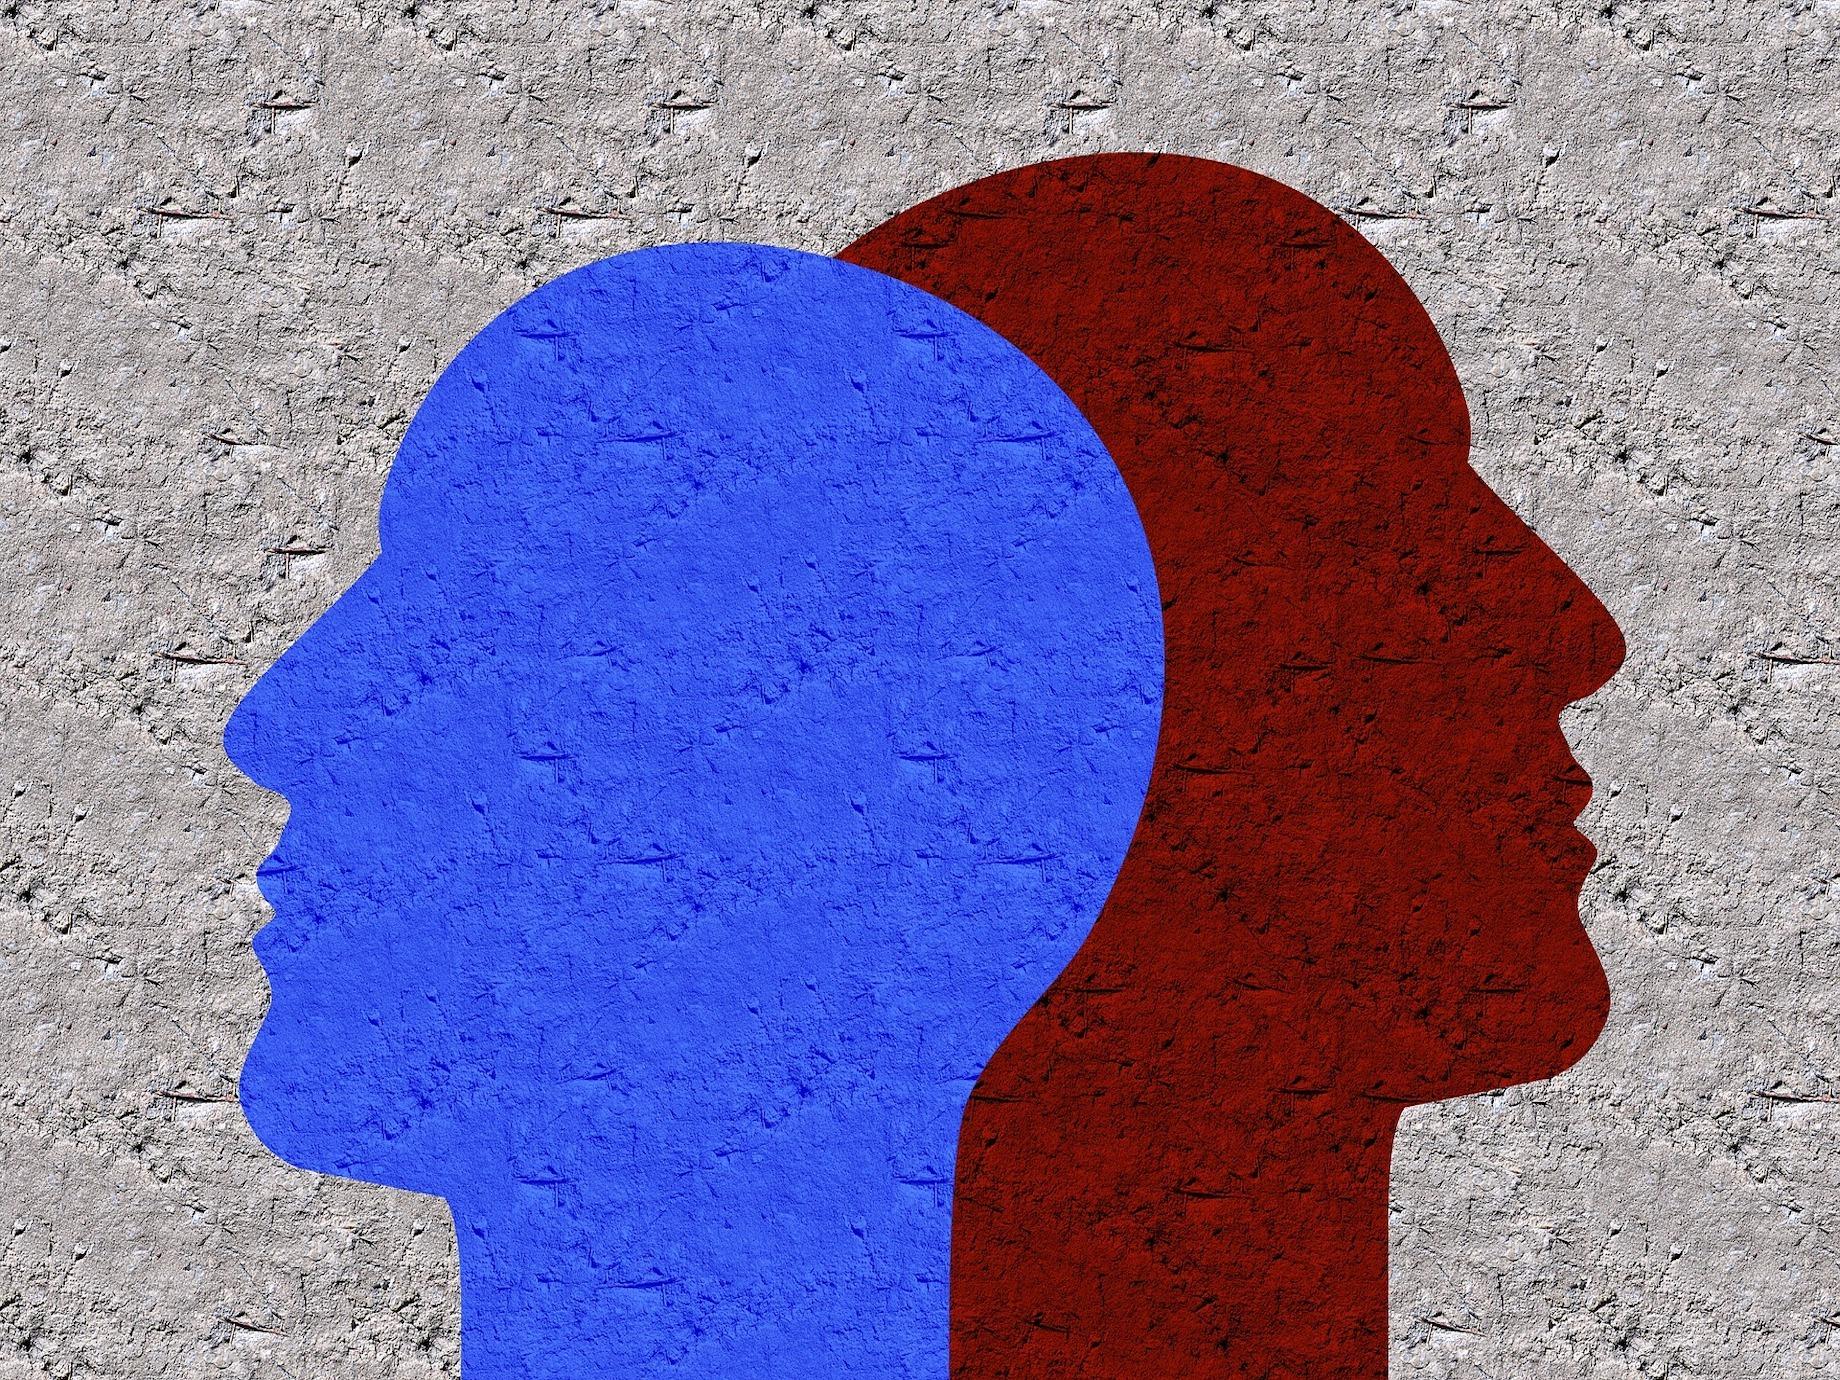 再優秀的人都有自卑感?現代自我心理學之父反向破解你的迷思